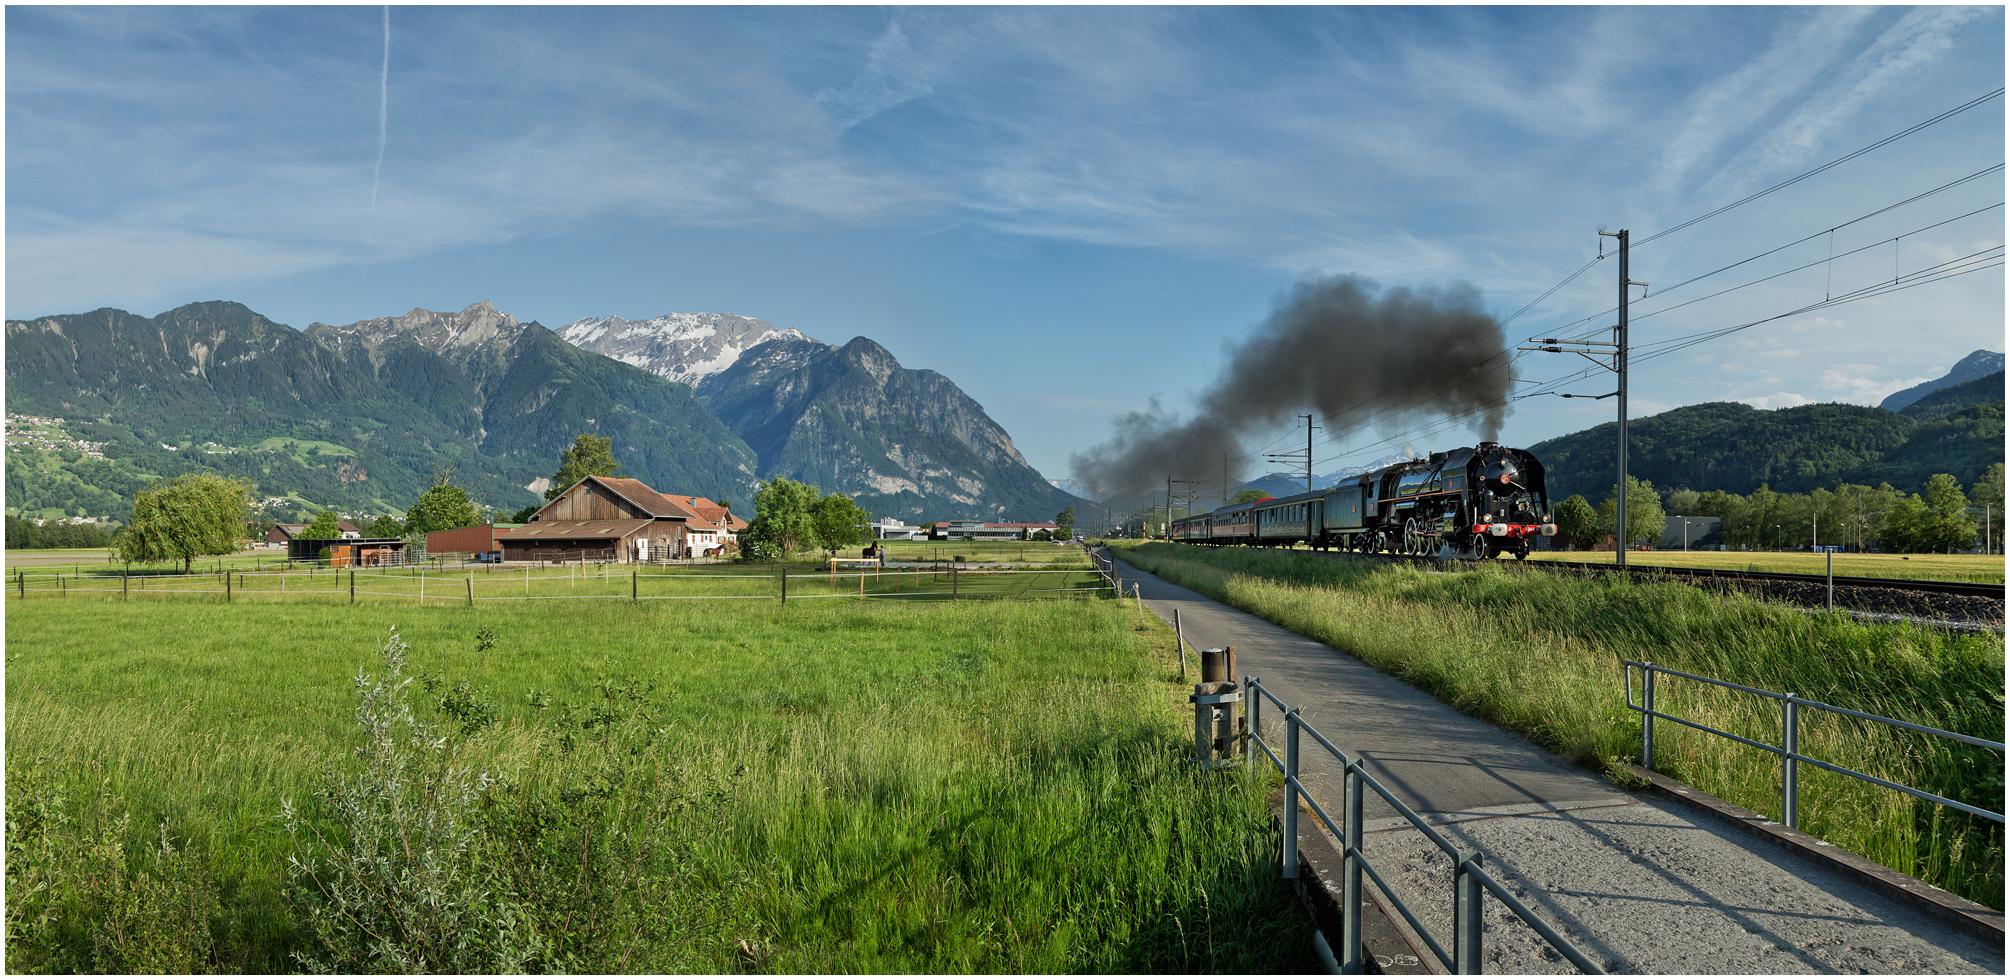 Nostalgie in den Alpen XV